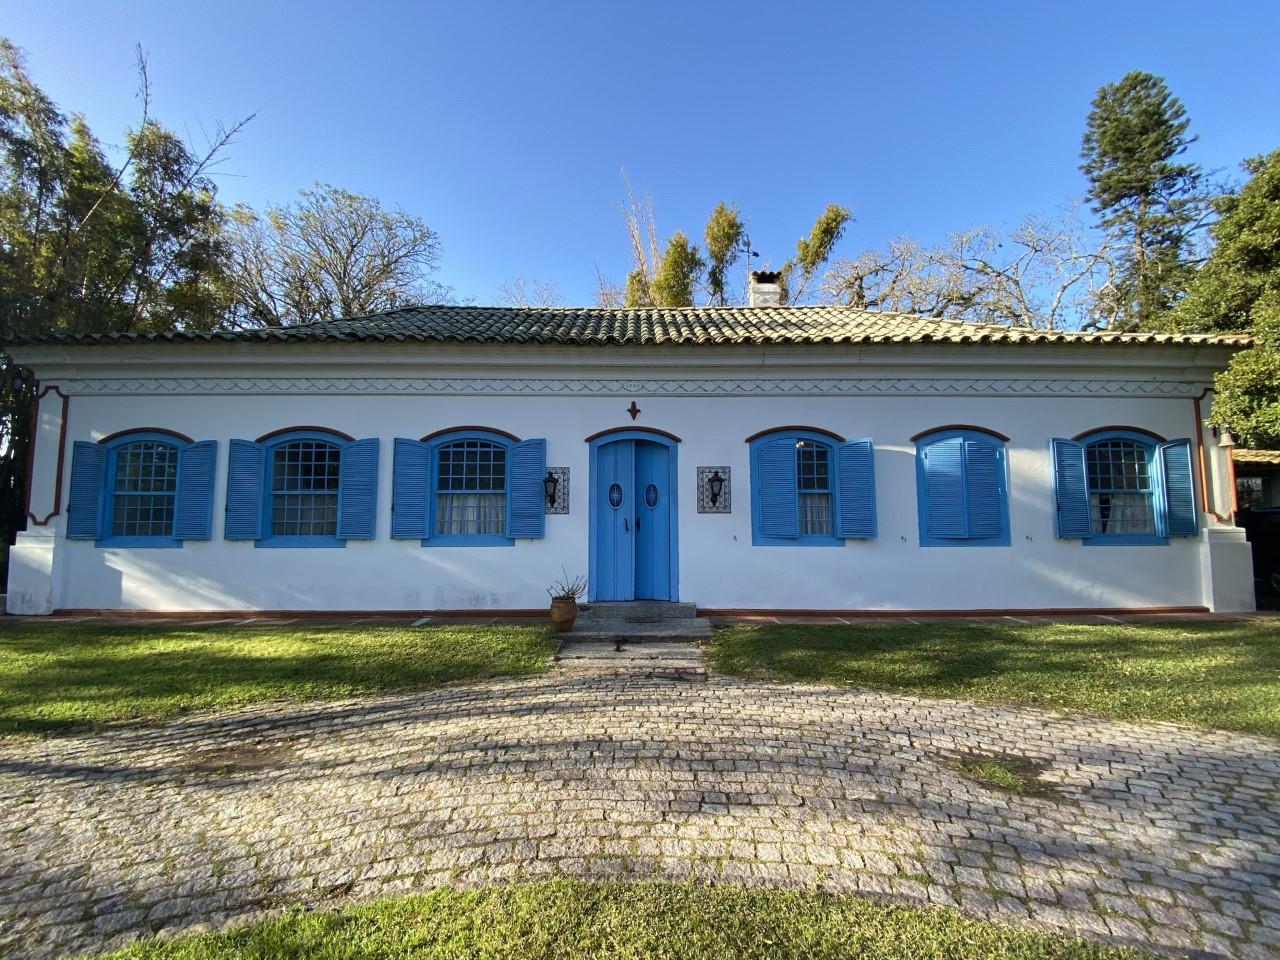 Ruta de las Charqueadas rescata el periodo de esclavitud en Brasil